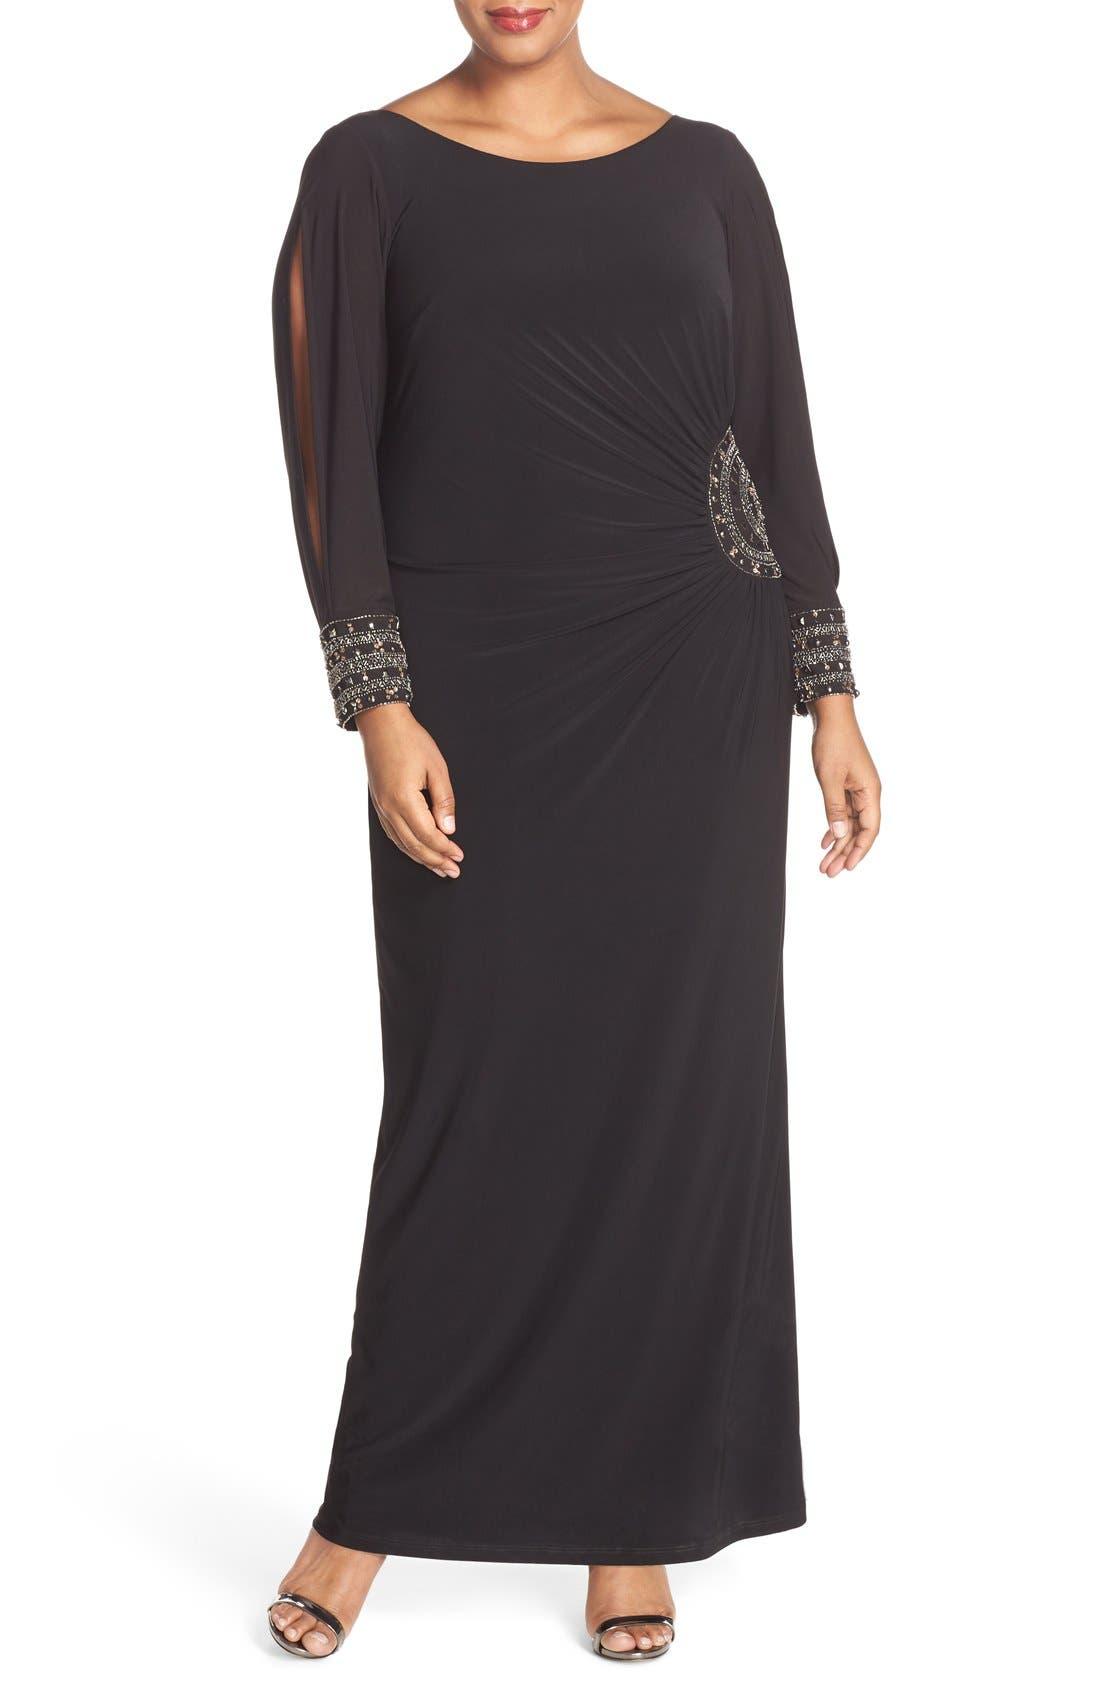 Black dress plus size xscape